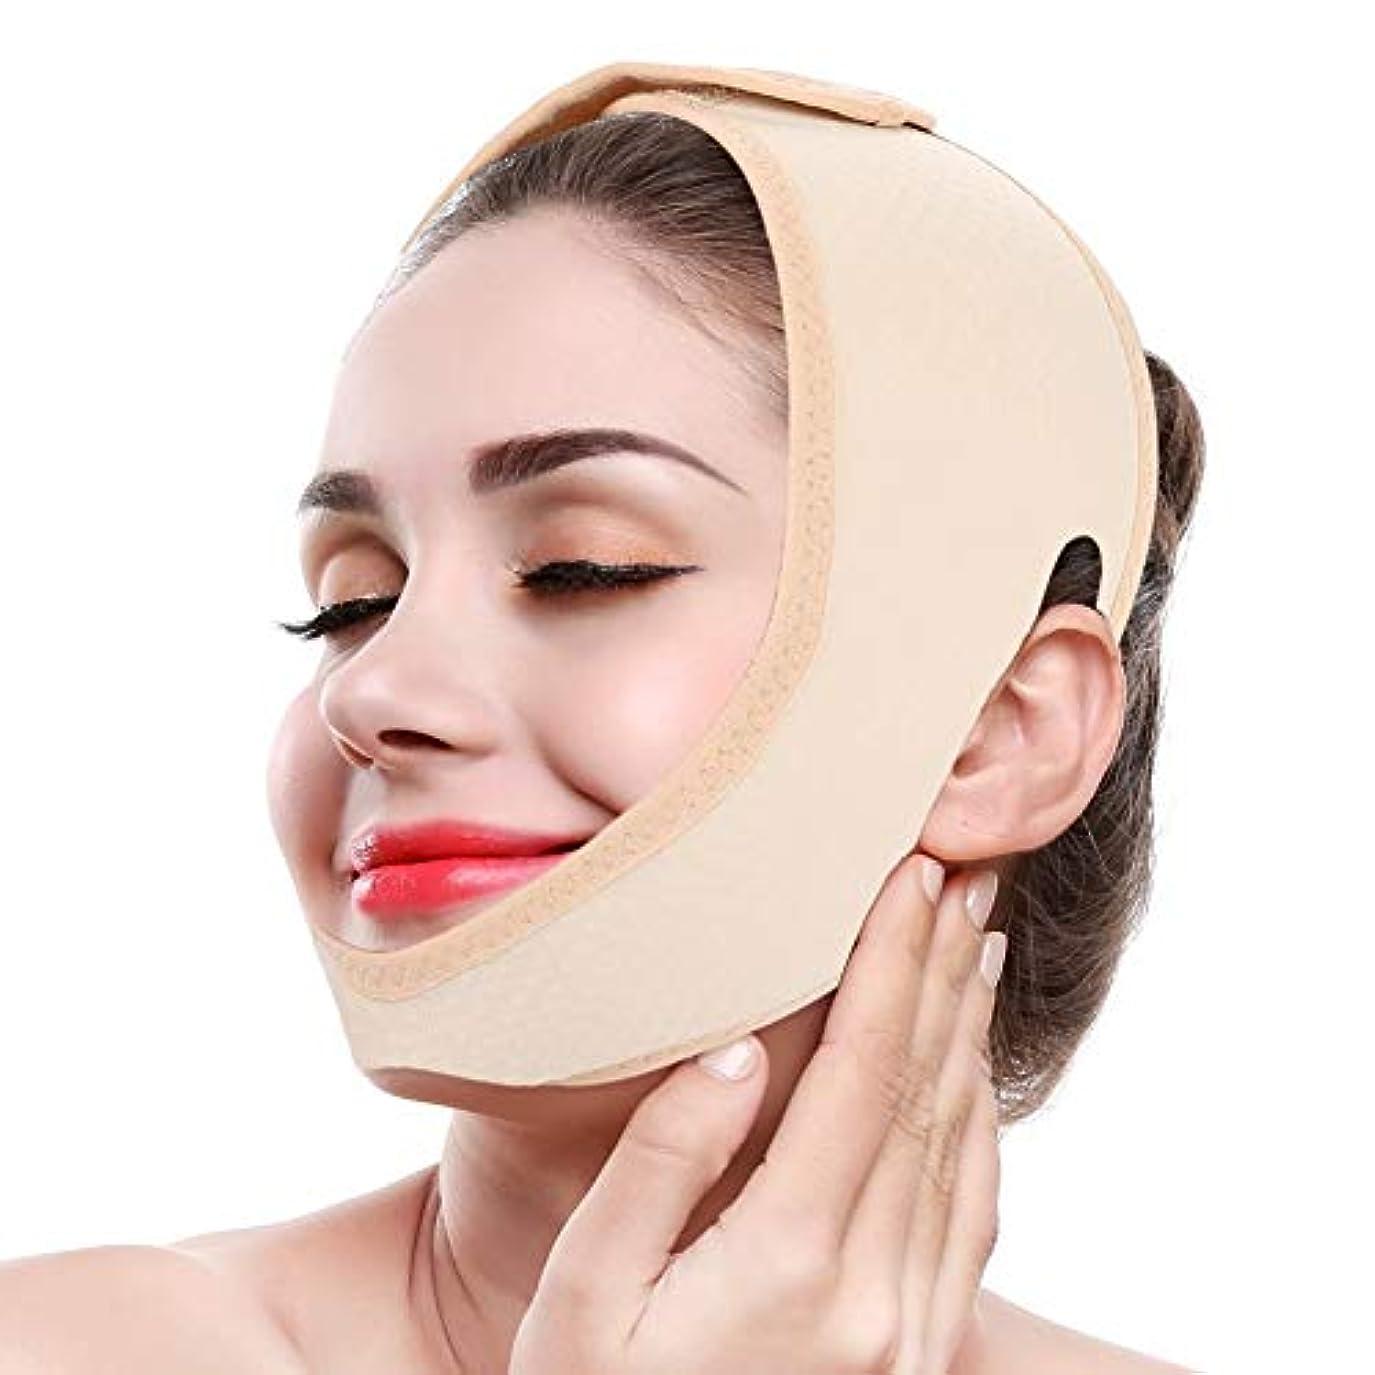 適応的思いやり有益Vラインマスク、フェイスリフトバンドフェイシャルスリミングダブルチンストラップ減量ベルトスキンケアチンリフティングファーミングラップ